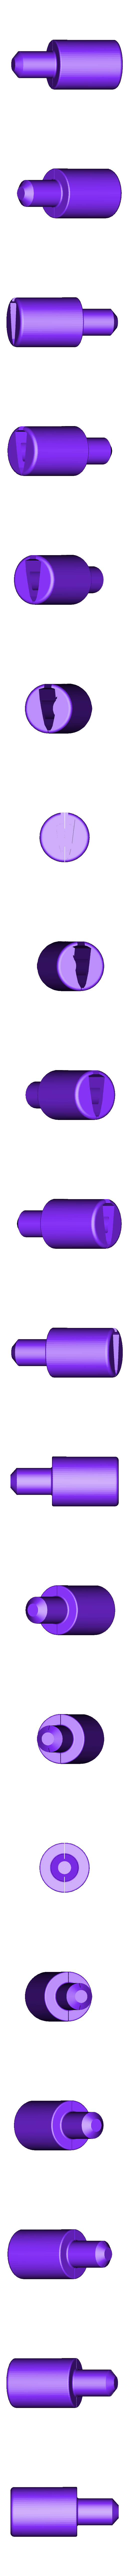 mufta.stl Download free STL file Wind vane fly • 3D printable model, Evgen3D